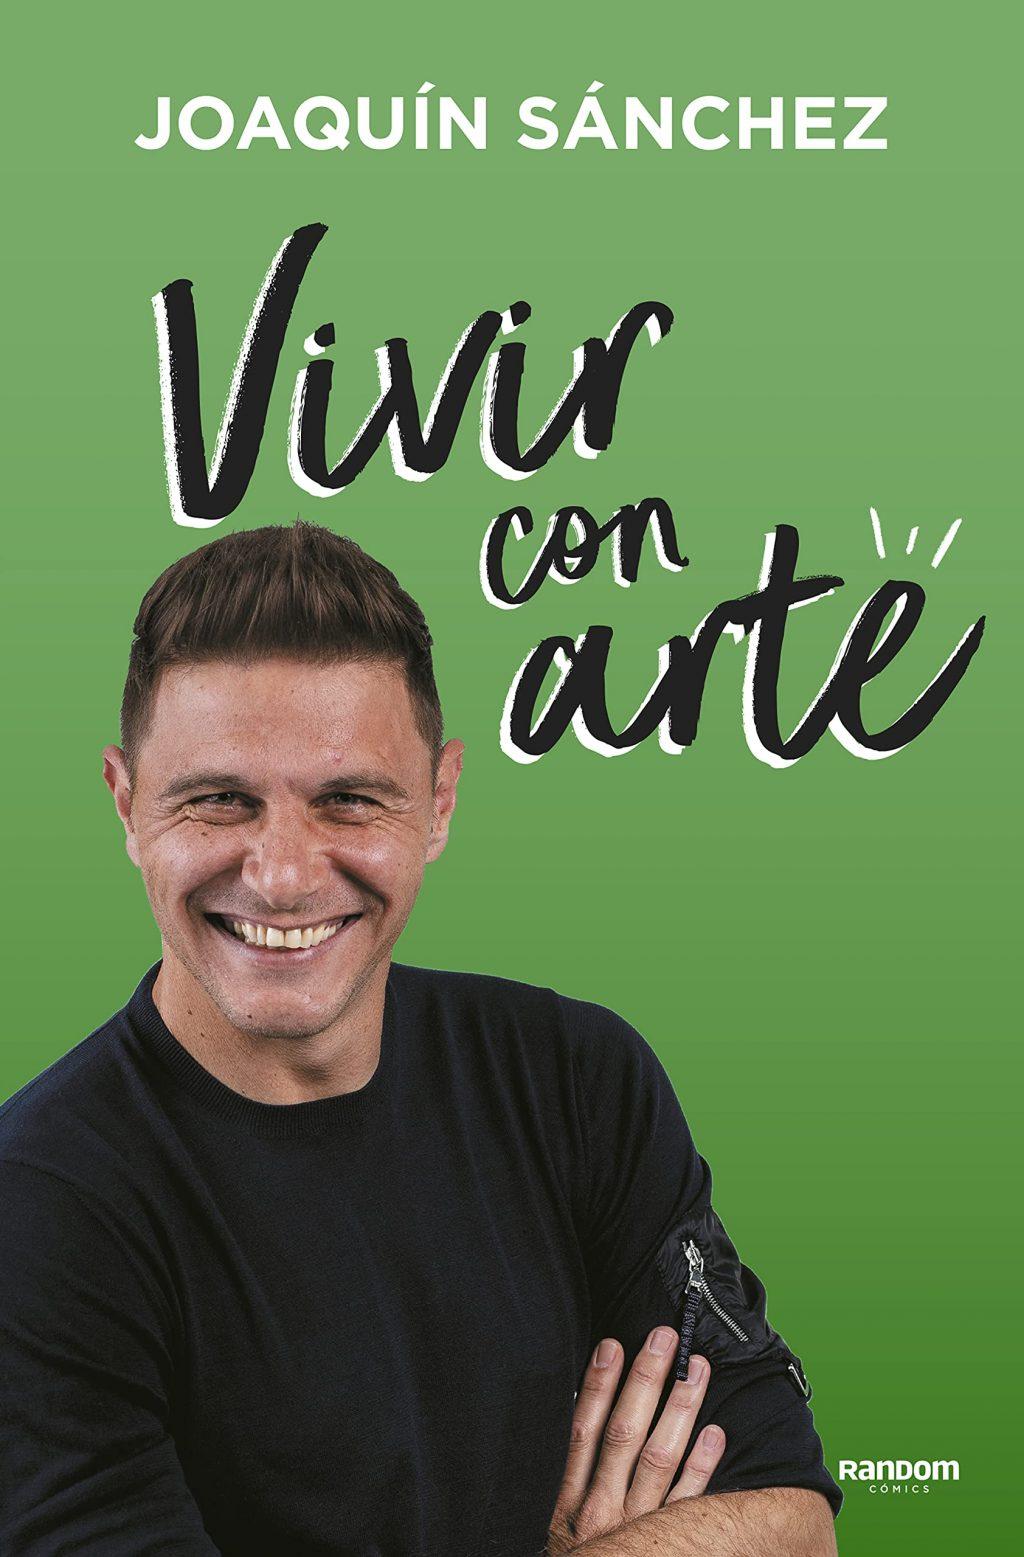 el libro de Joaquín Sánchez Vivir con arte